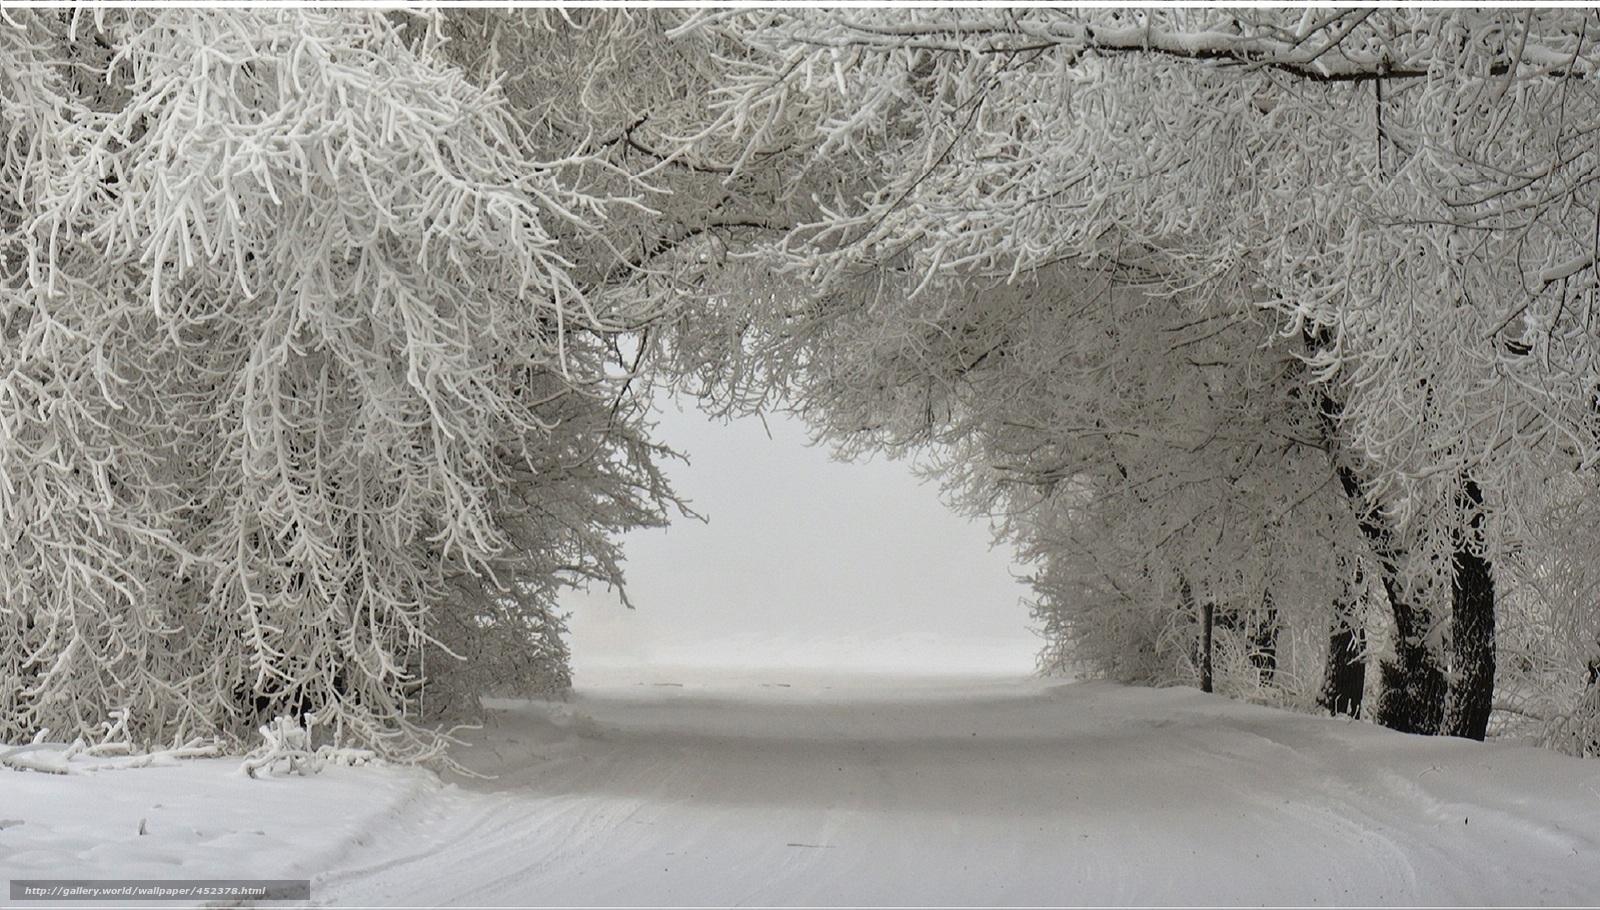 Scaricare gli sfondi paesaggio invernale alberi nella for Immagini invernali per desktop gratis